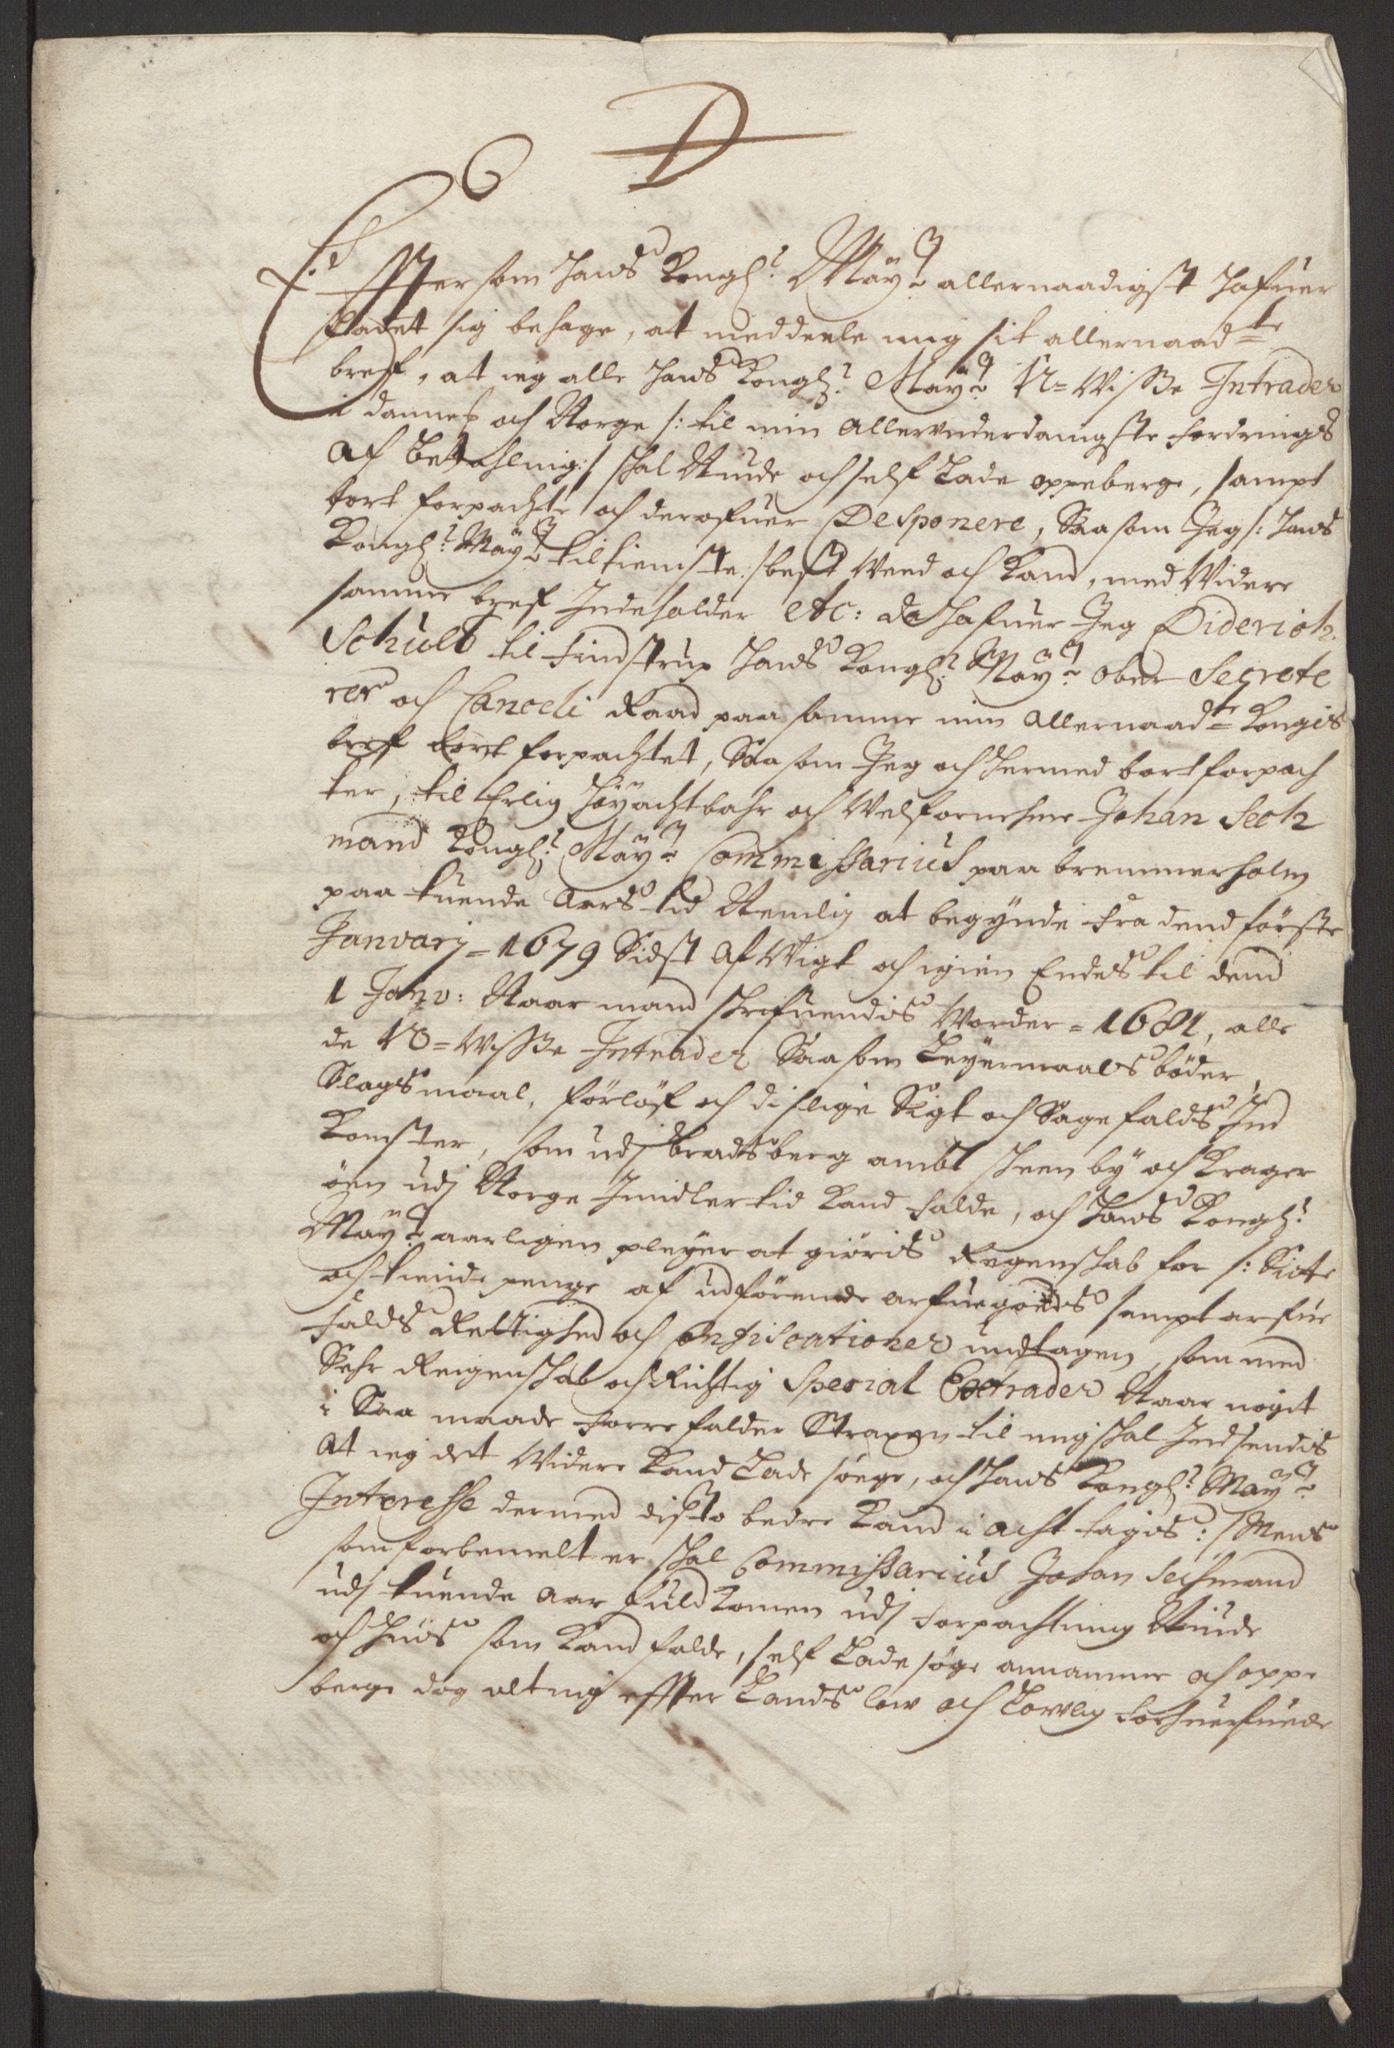 RA, Rentekammeret inntil 1814, Reviderte regnskaper, Fogderegnskap, R35/L2076: Fogderegnskap Øvre og Nedre Telemark, 1680-1684, s. 247